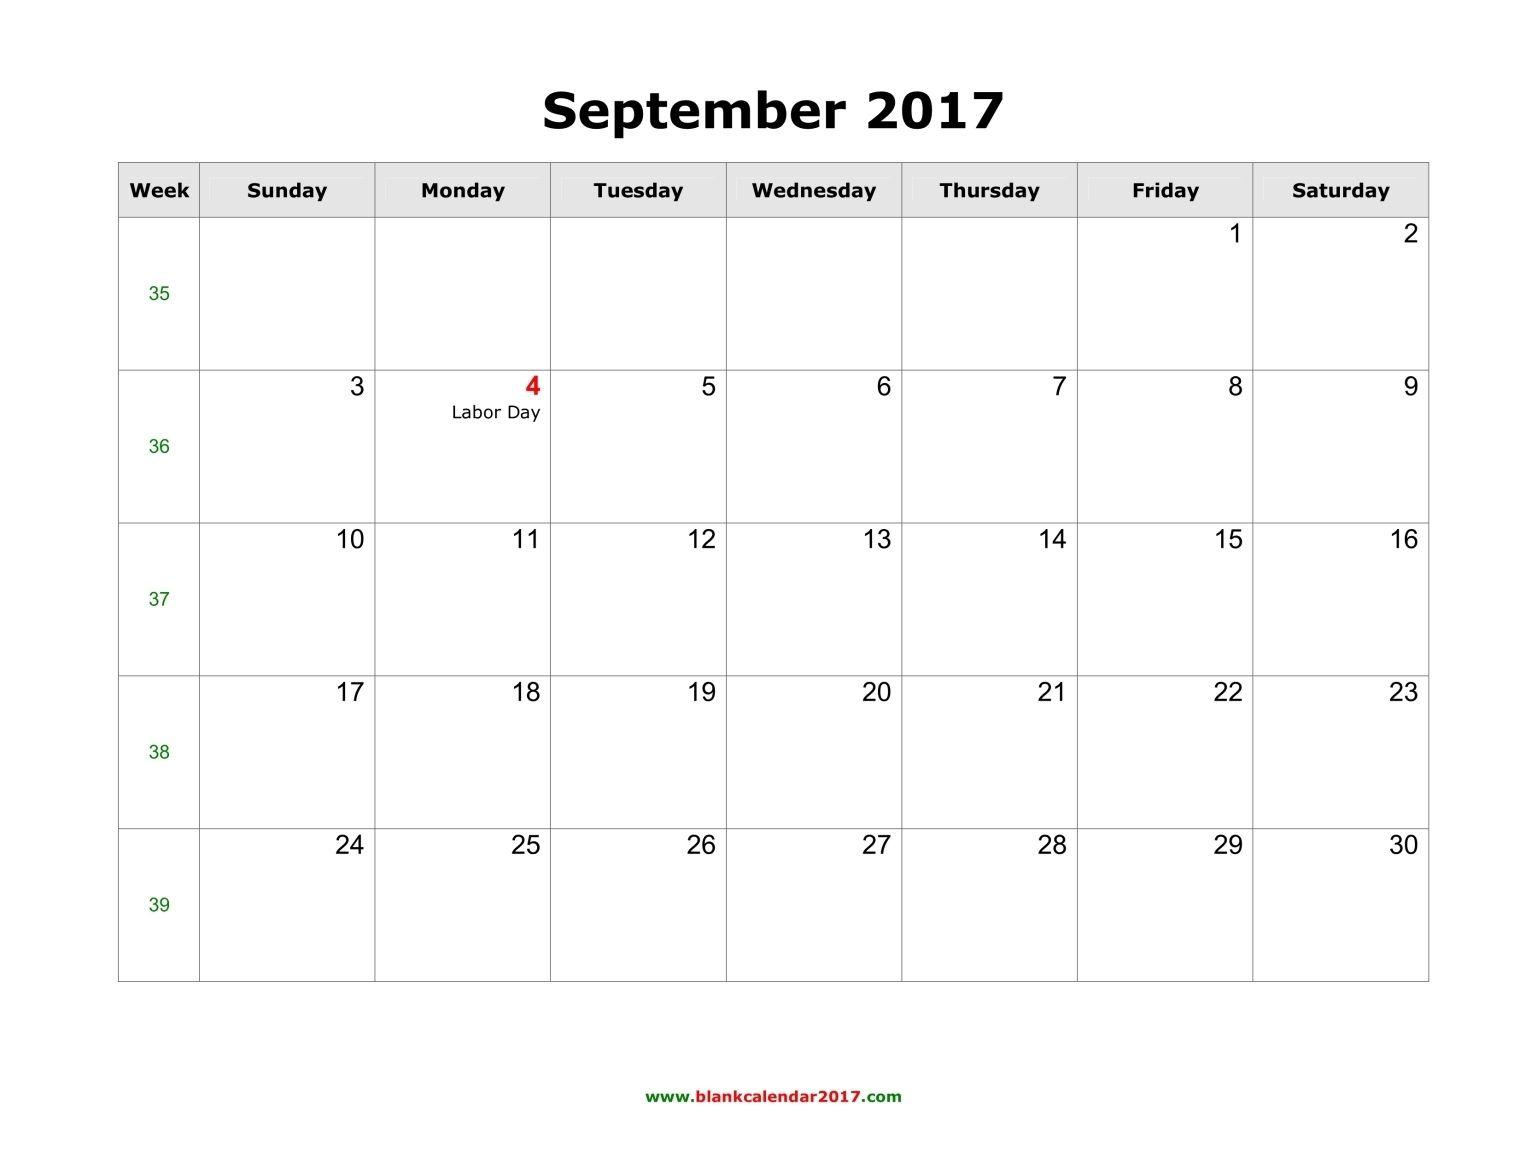 October 2017 Calendar With Holidays Uk Motivasi